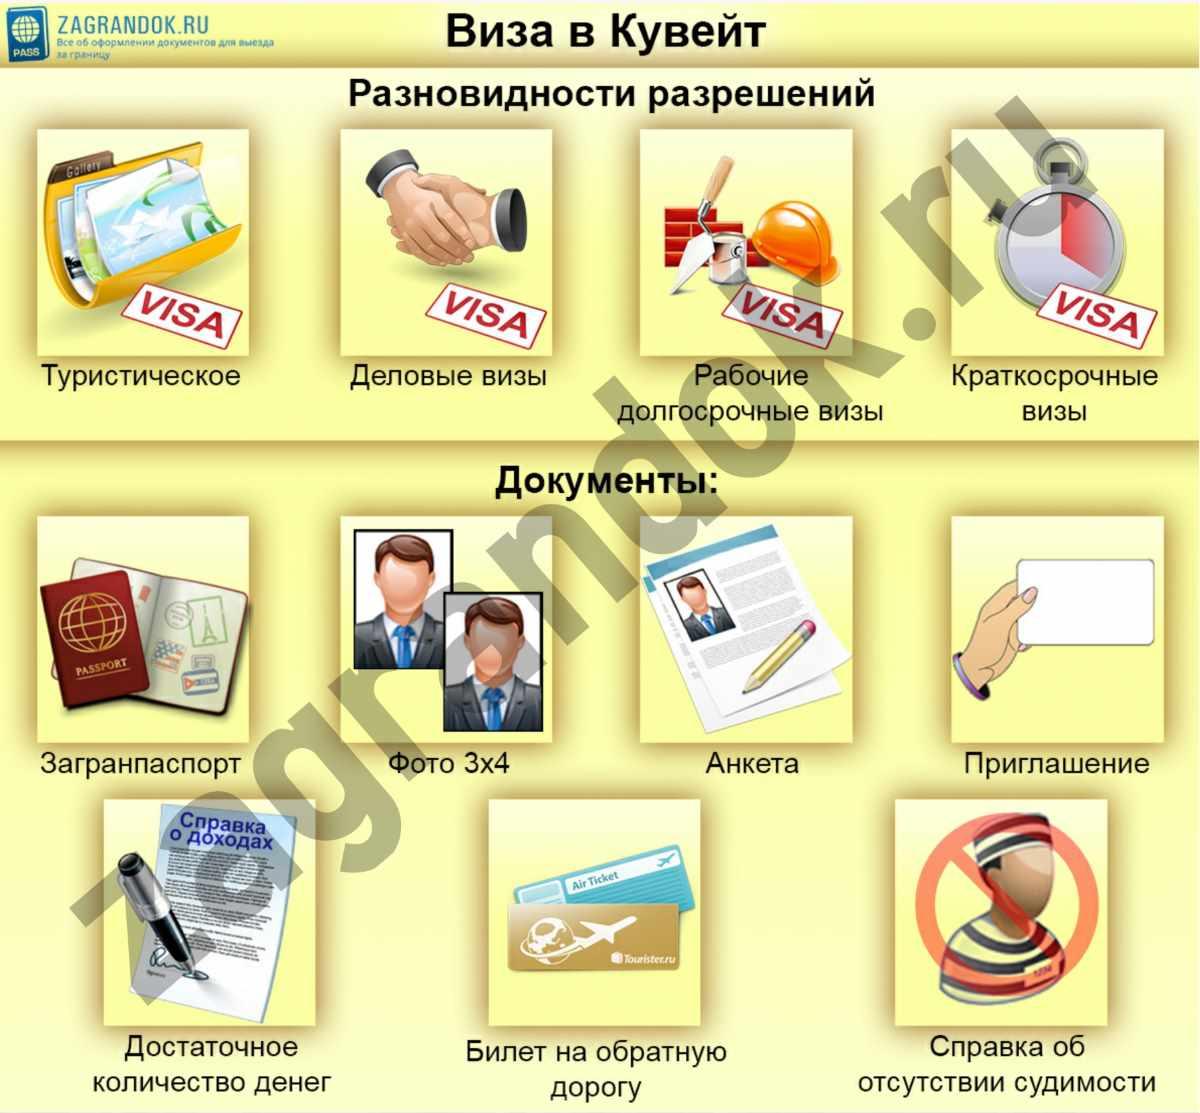 Виза в Кувейт для россиян в 2017 году